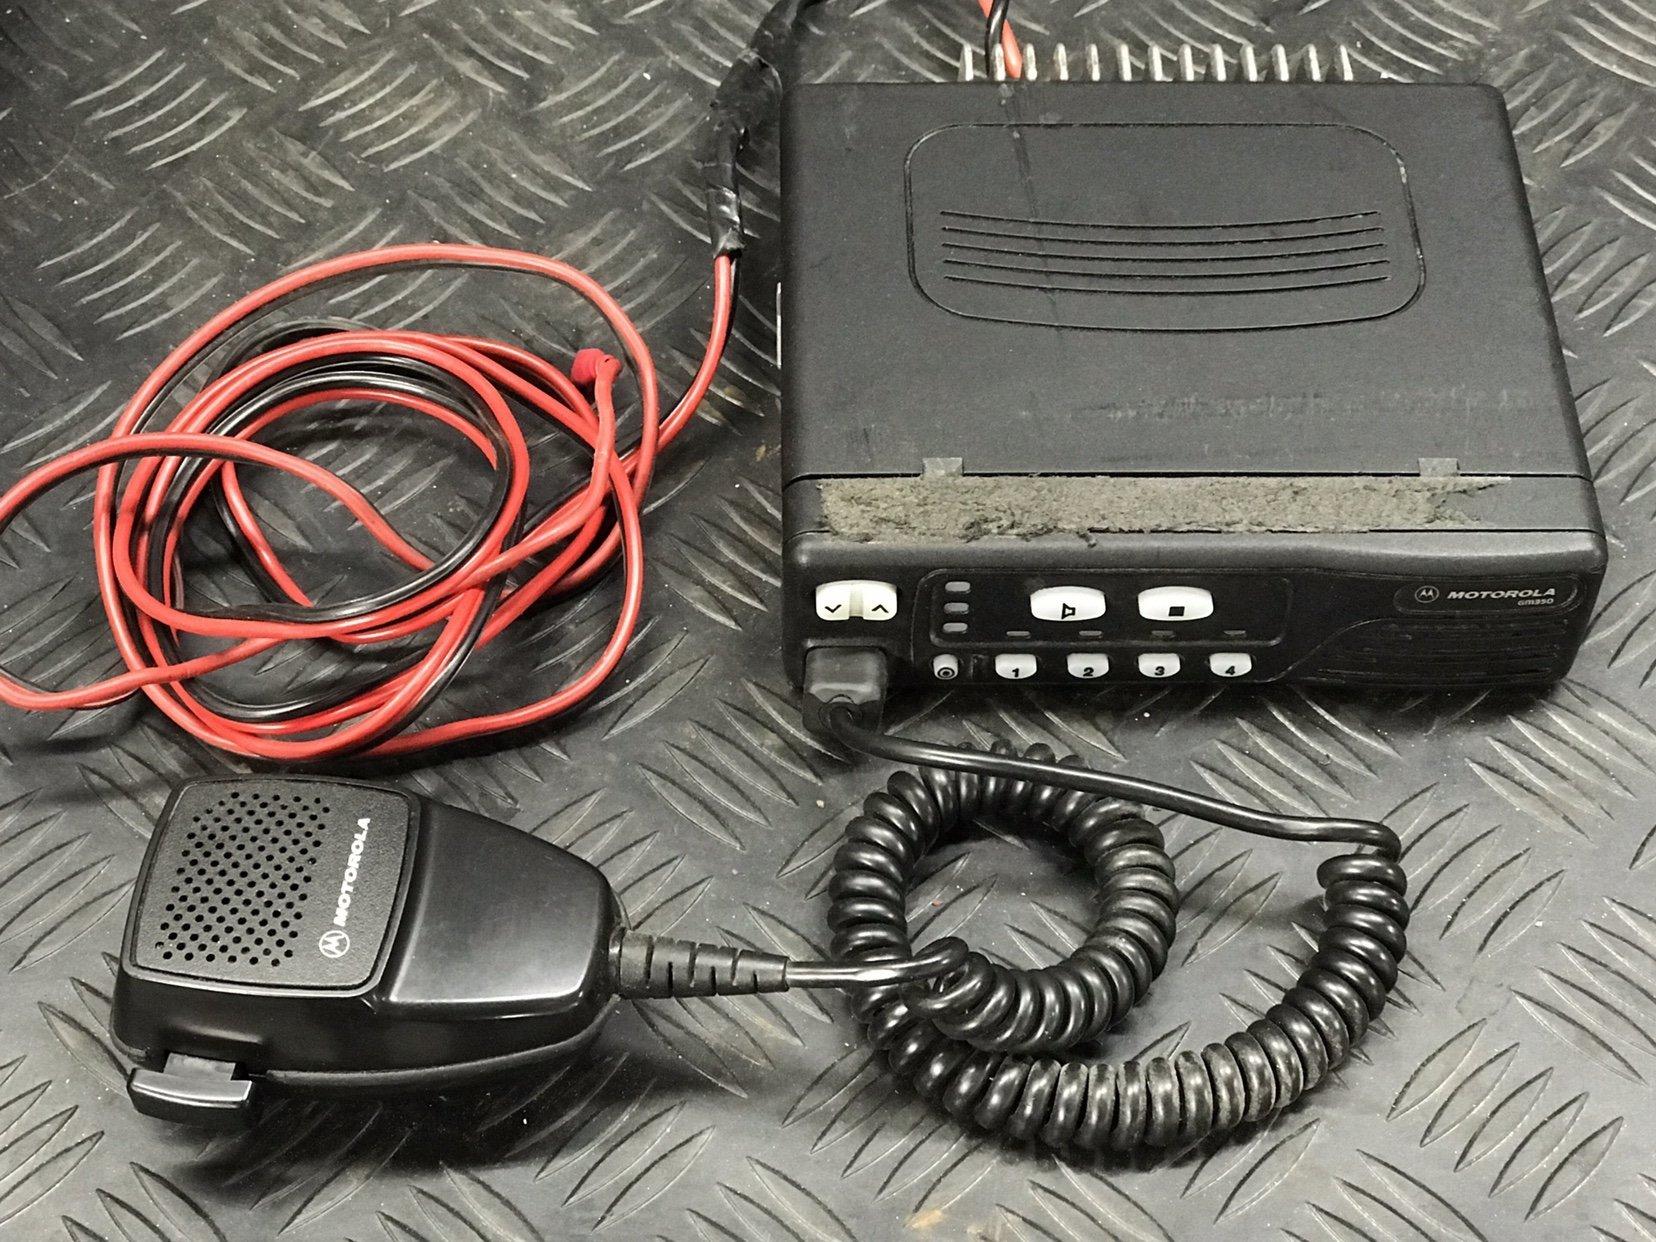 Motorola GM350 Komradio (351955326) ᐈ Köp på Tradera